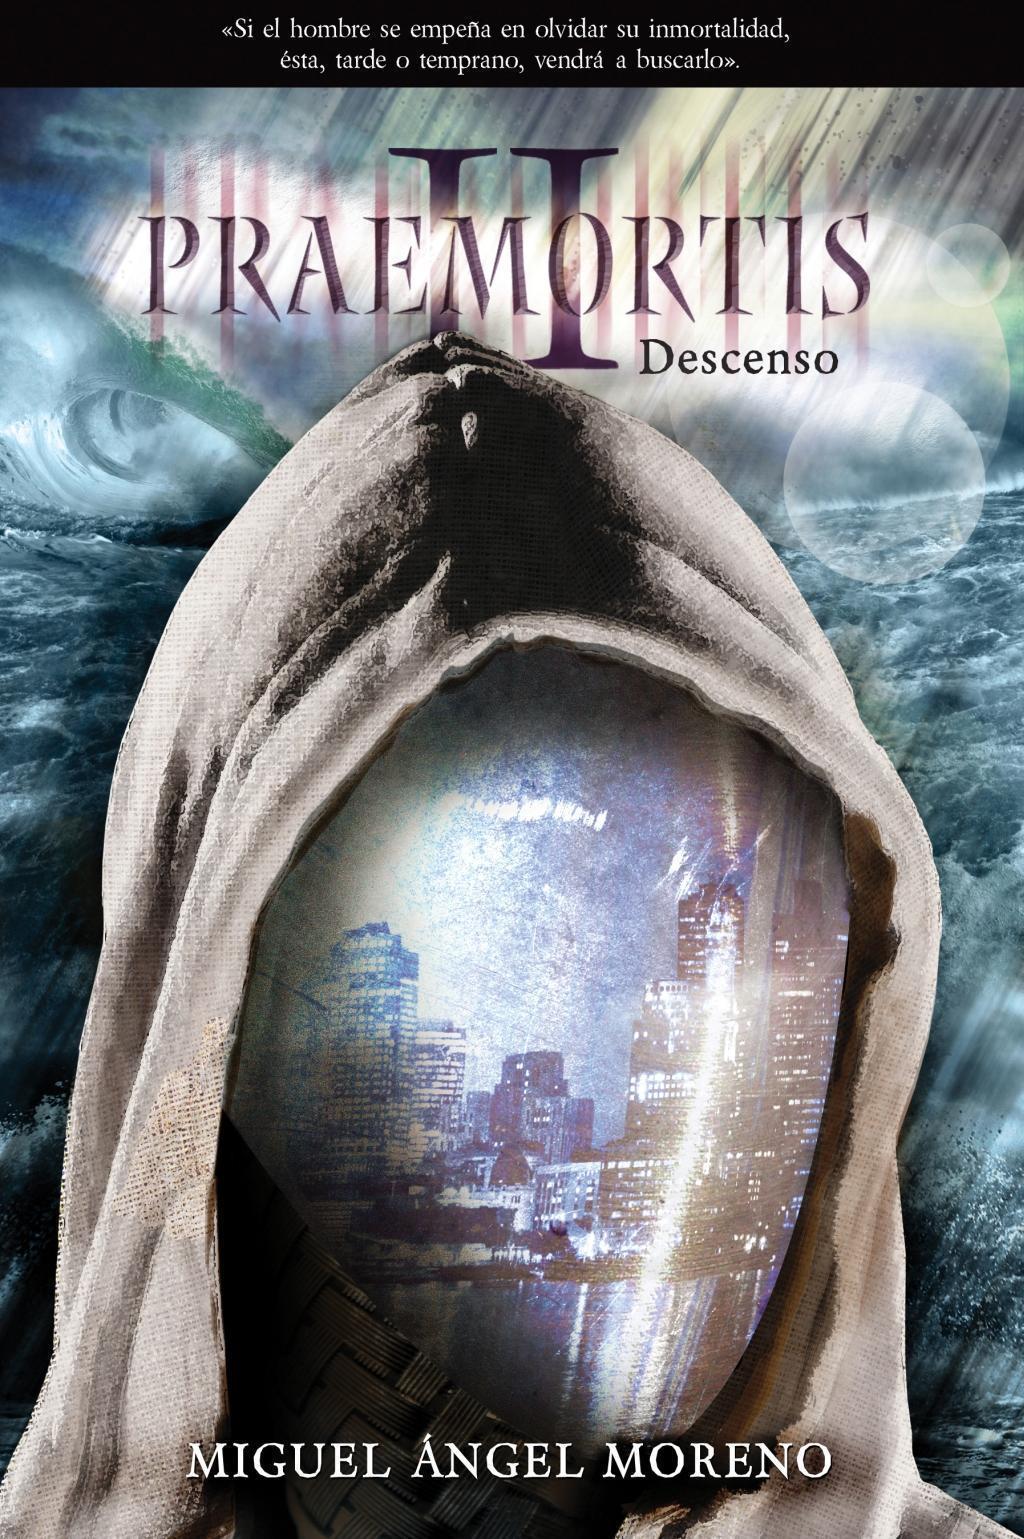 Praemortis 2